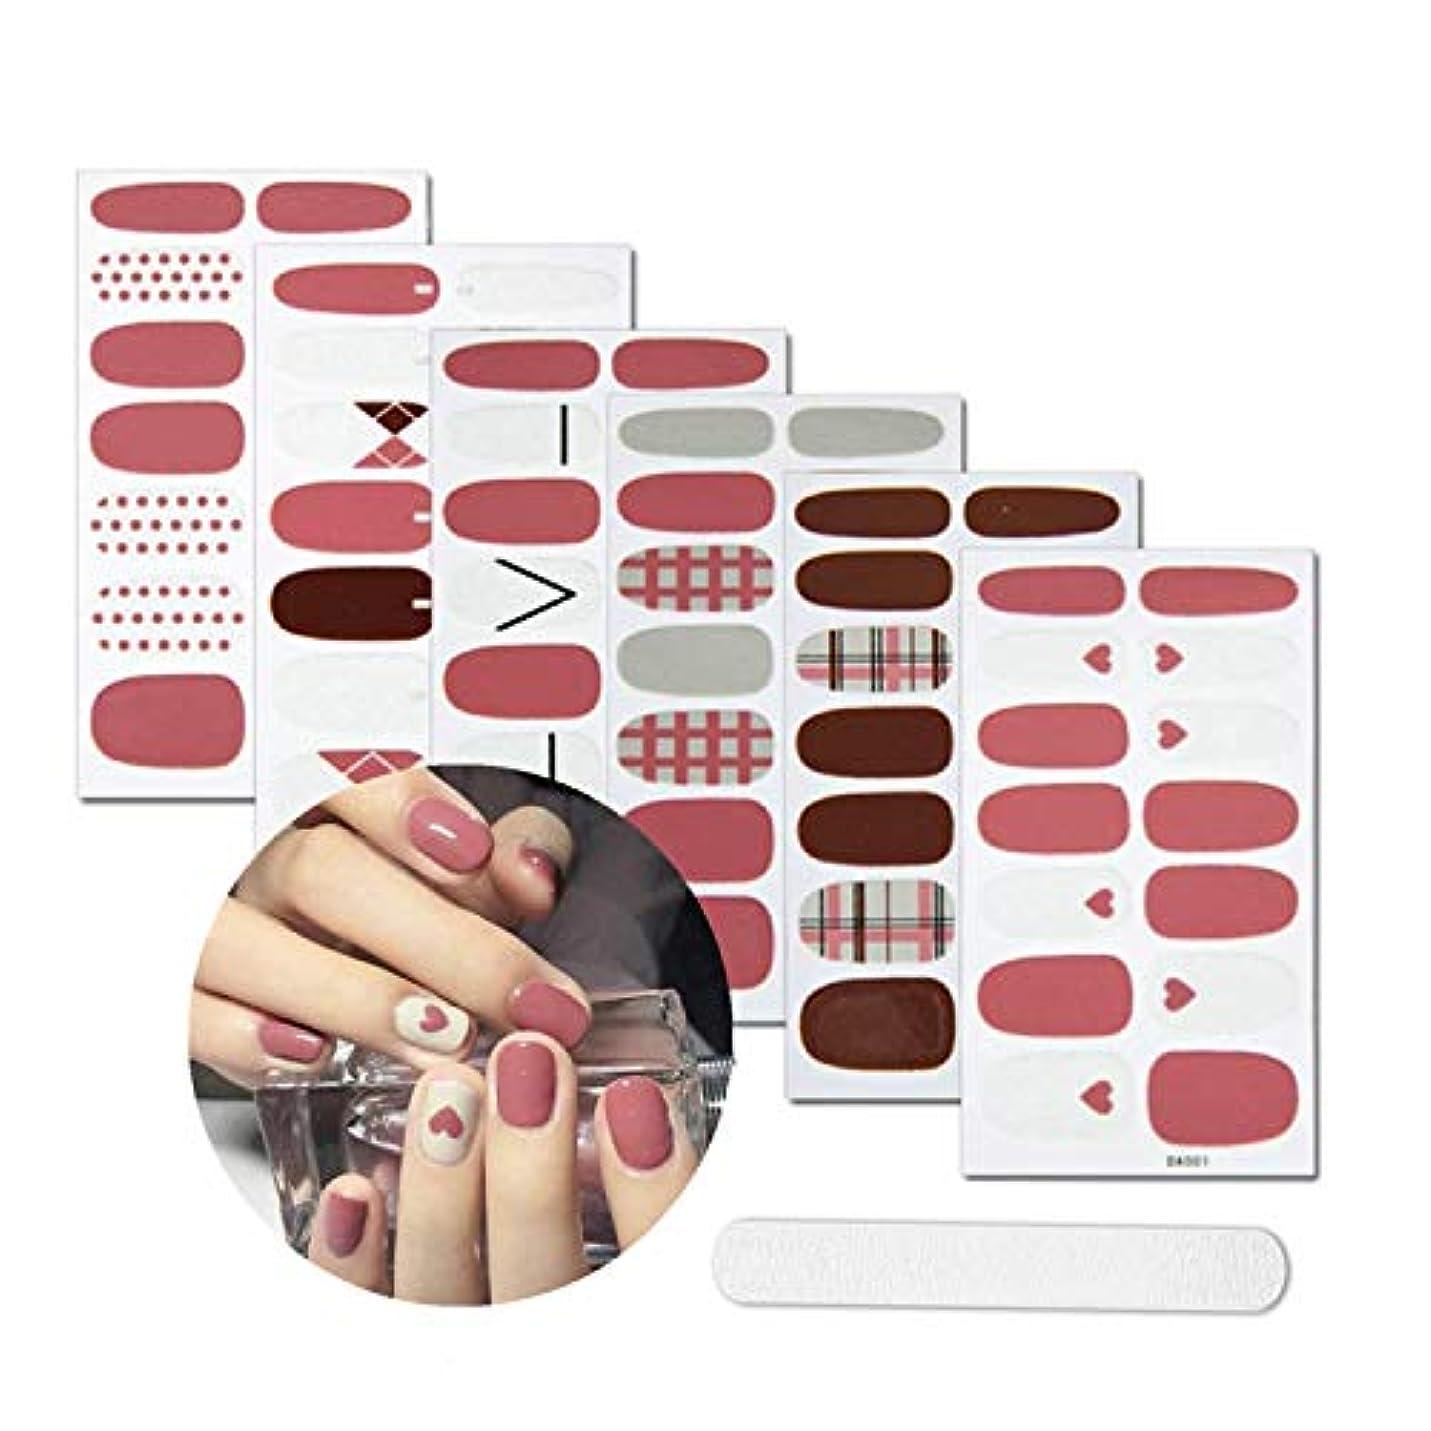 生きるスペインプレビューネイルシール 貼るだけマニキュア 6枚セット ネイルアート ネイルステッカー ネイルアクセサリー女性 簡単 レディースプレゼント ギフト可愛い 人気 おしゃれ上級 爪やすり1本付き